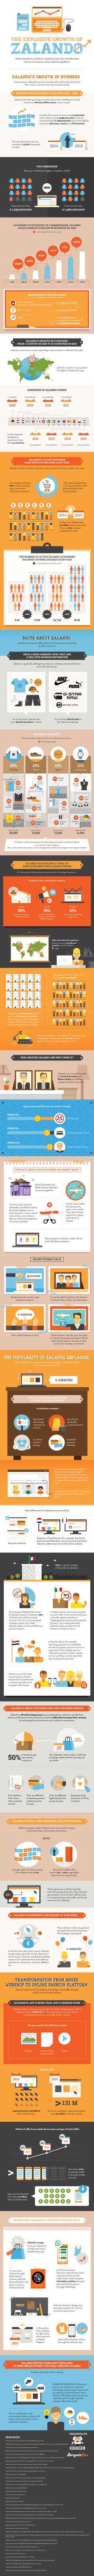 Zalando's Explosive Growth #Infographic